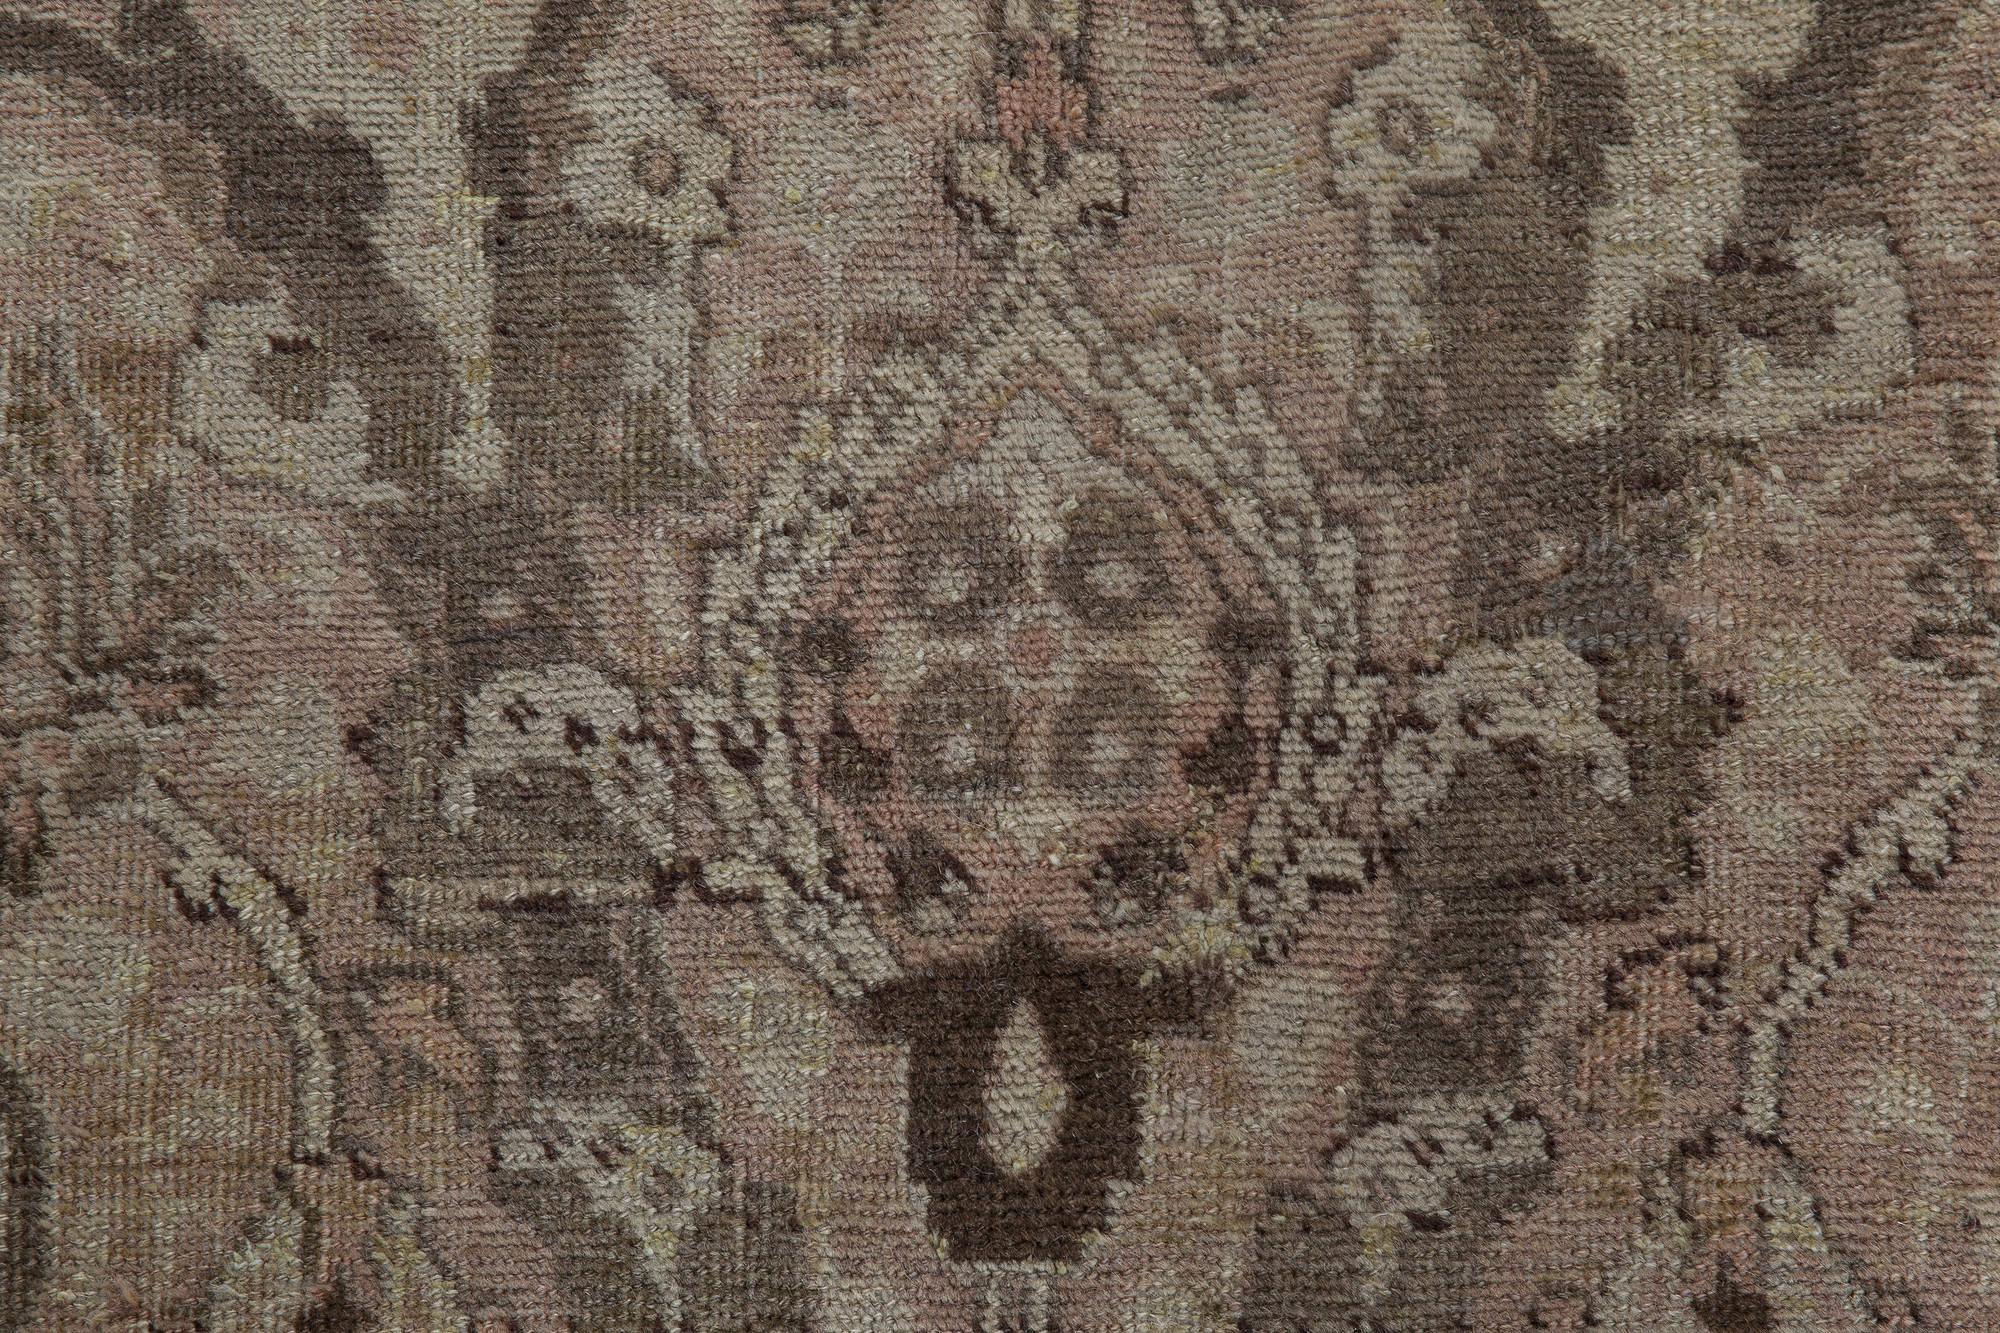 Antique Persian Tabriz Carpet Bb3935 By Doris Leslie Blau